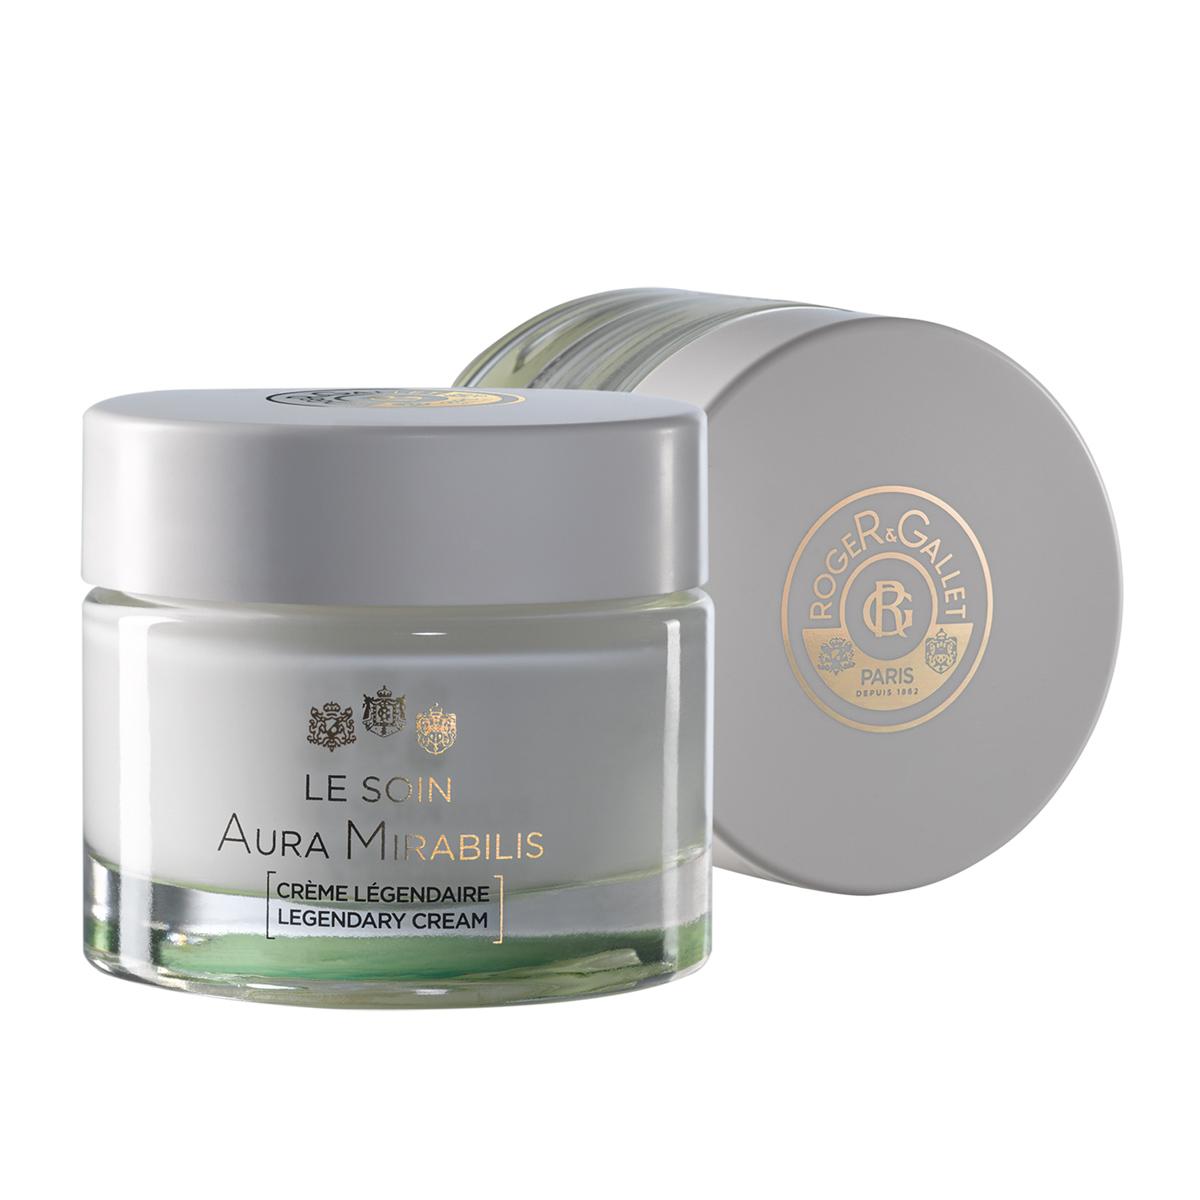 Roger&Gallet - Aura Mirabilis - Crème Légendaire 50 ml